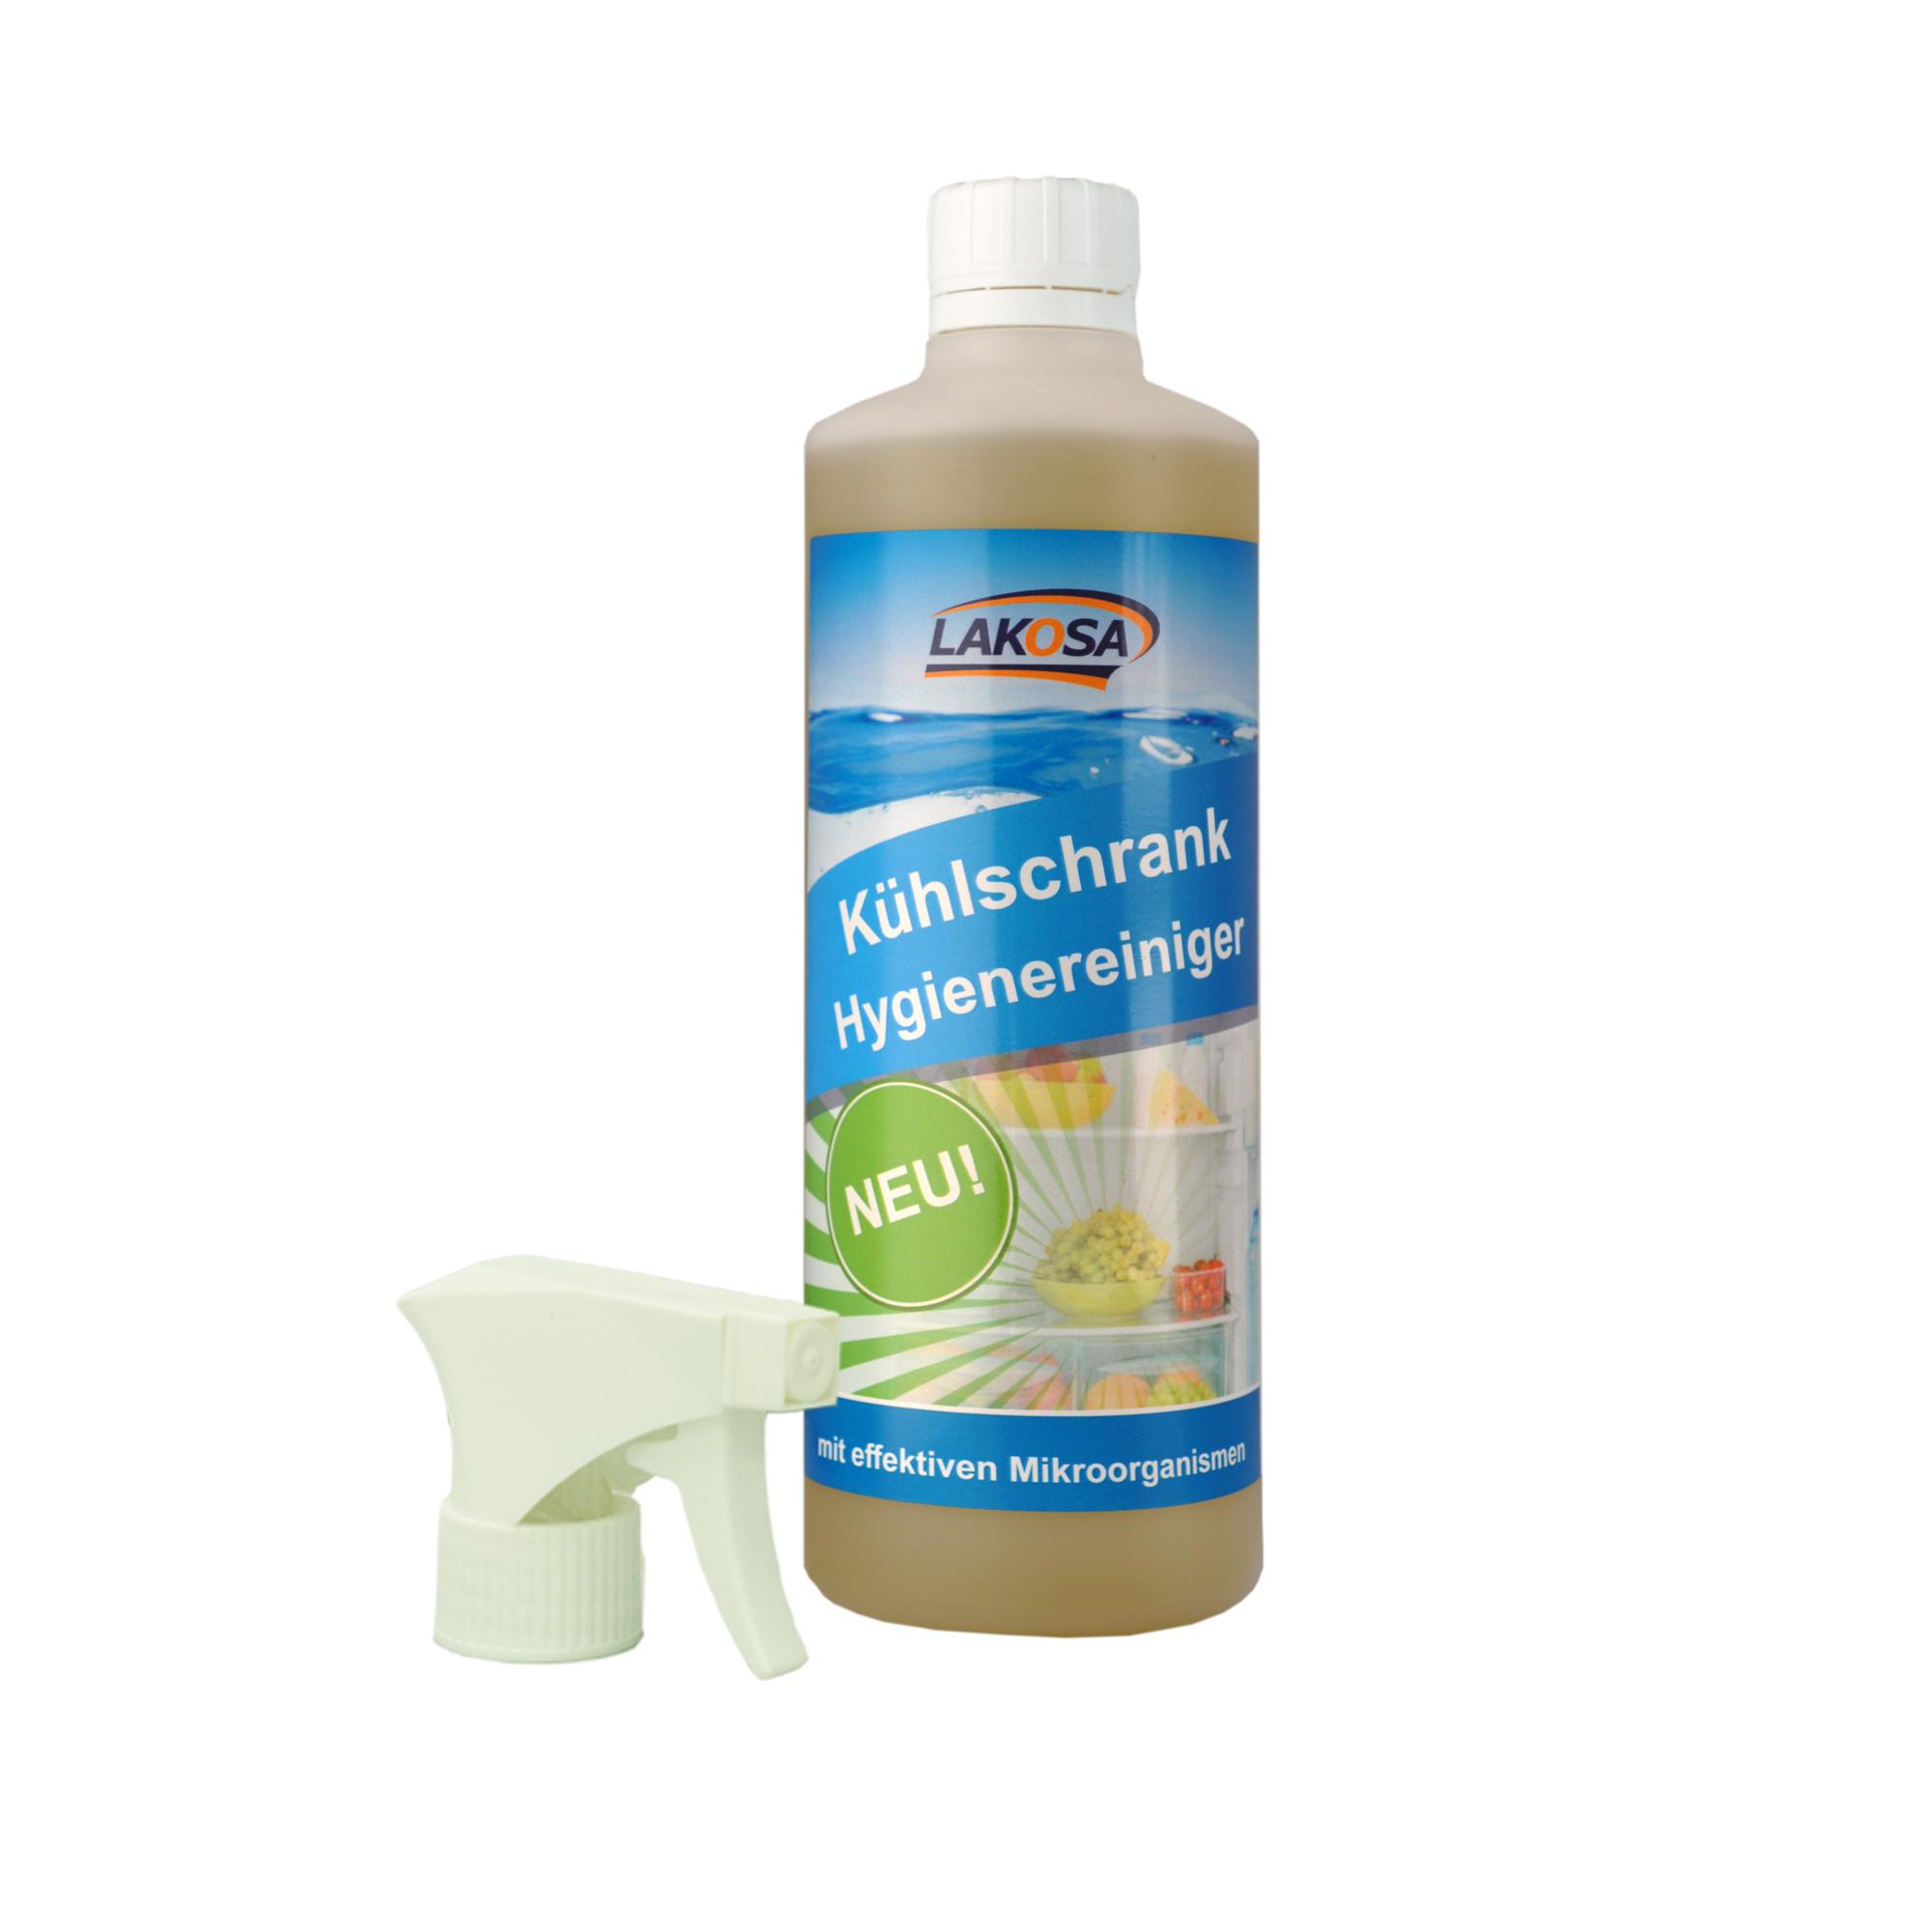 Lakosa Kühlschrank Hygienereiniger-500ml